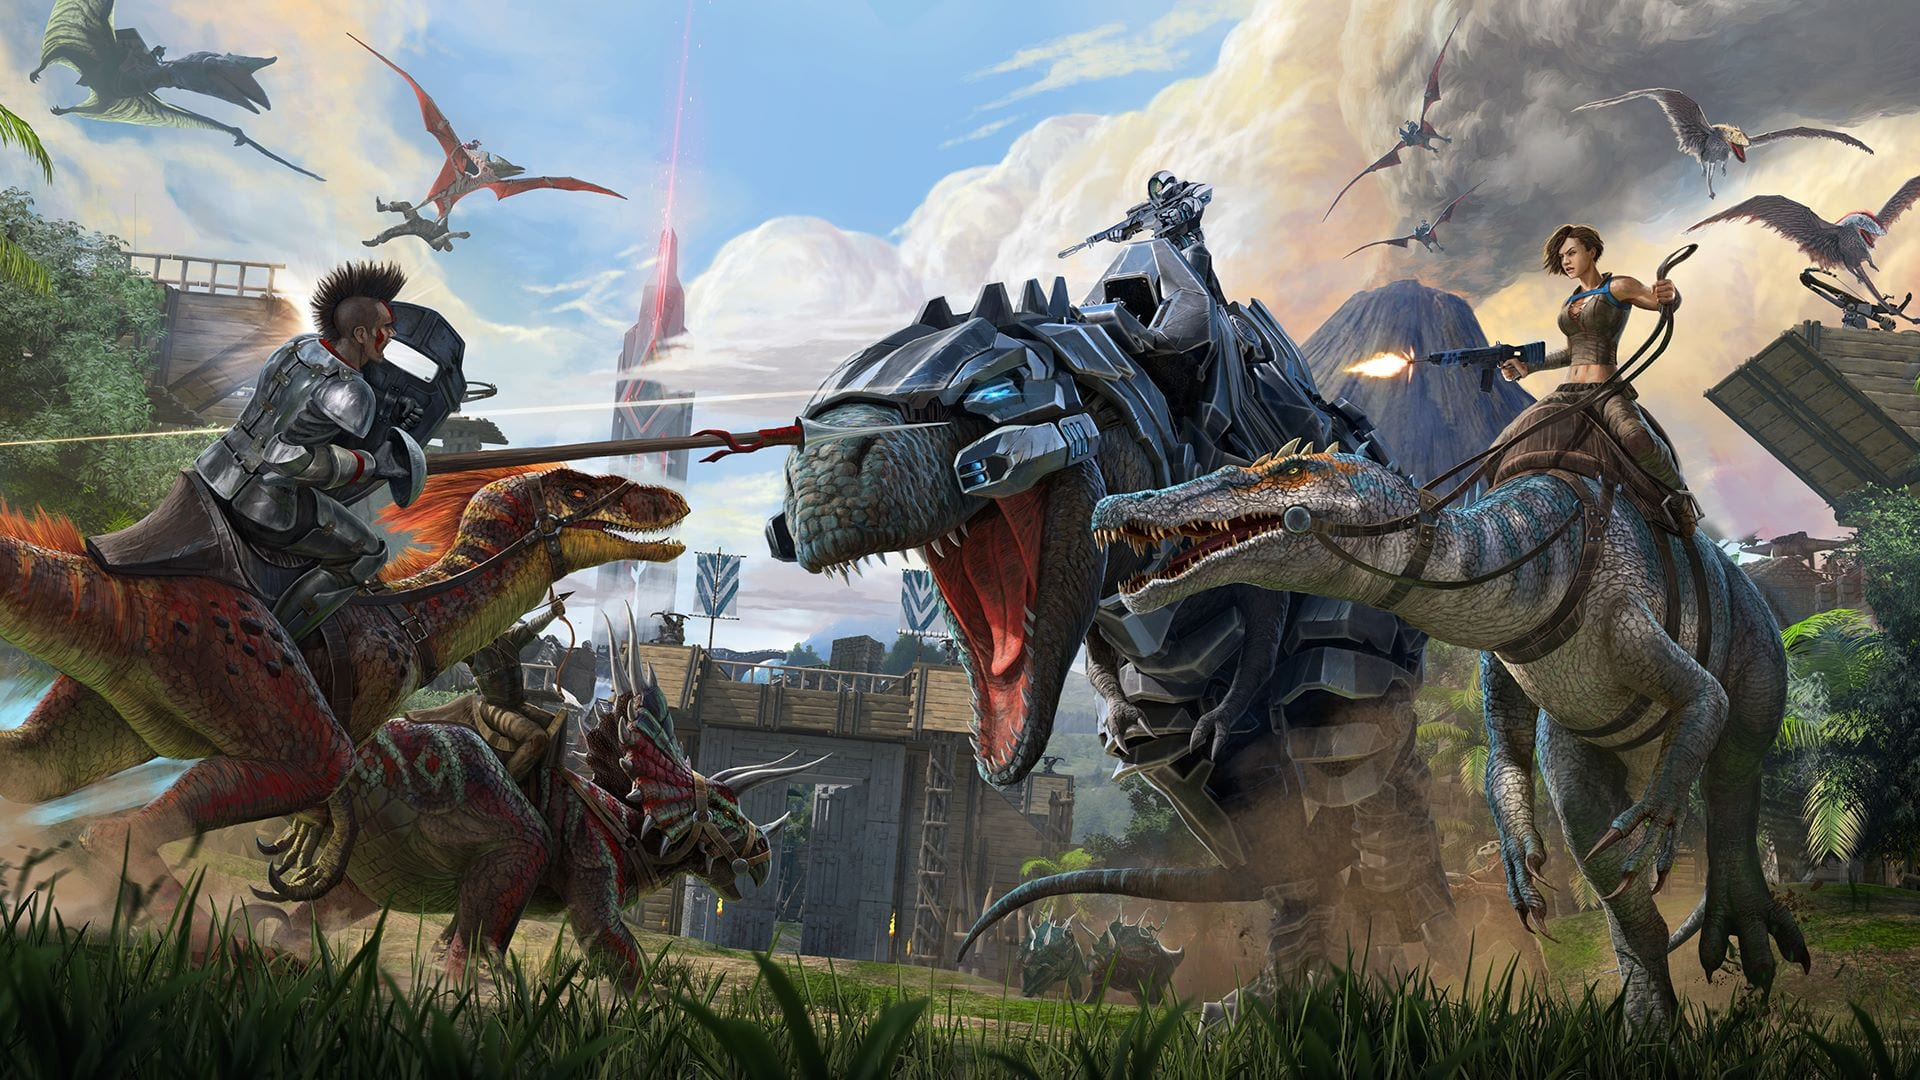 В магазине Epic Games можно бесплатно получить игру ARK: Survival Evolved